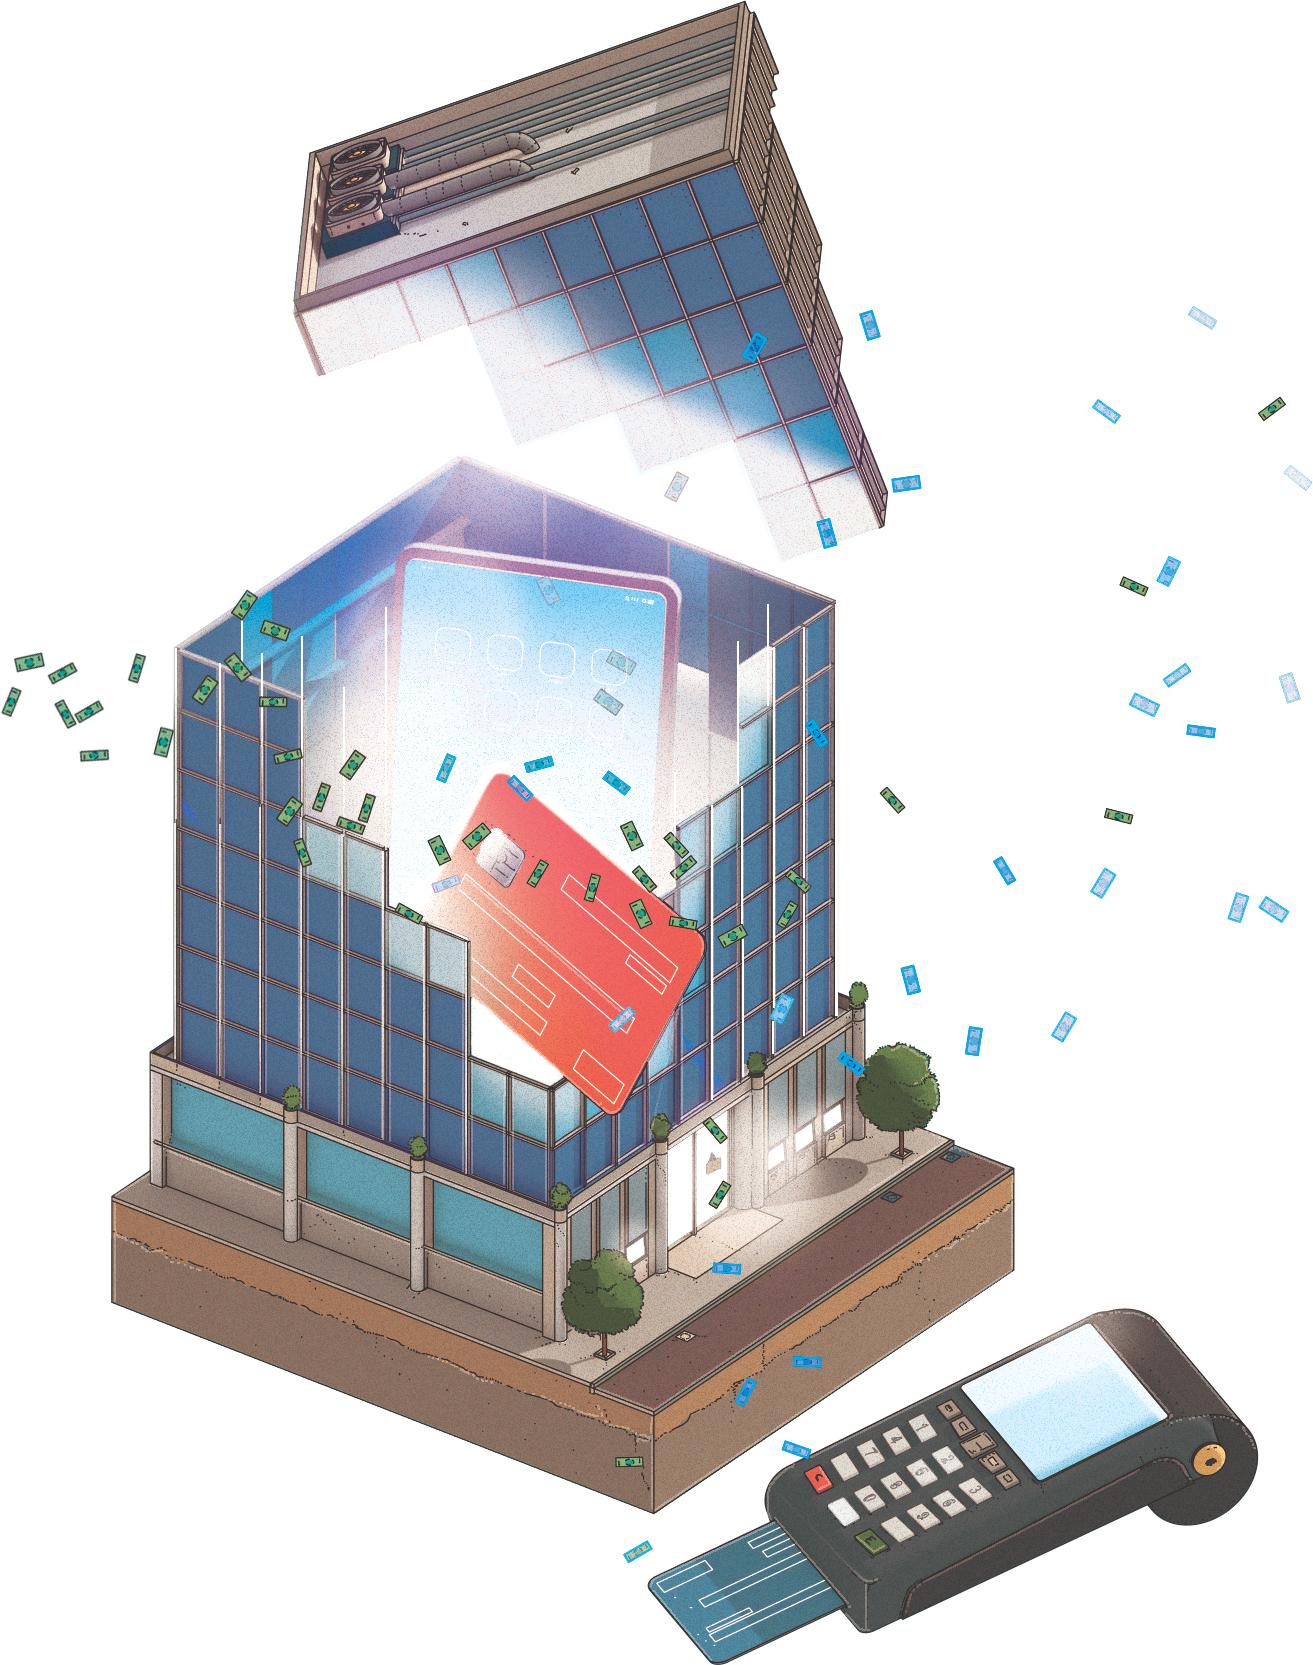 New Bank_Economia.jpg